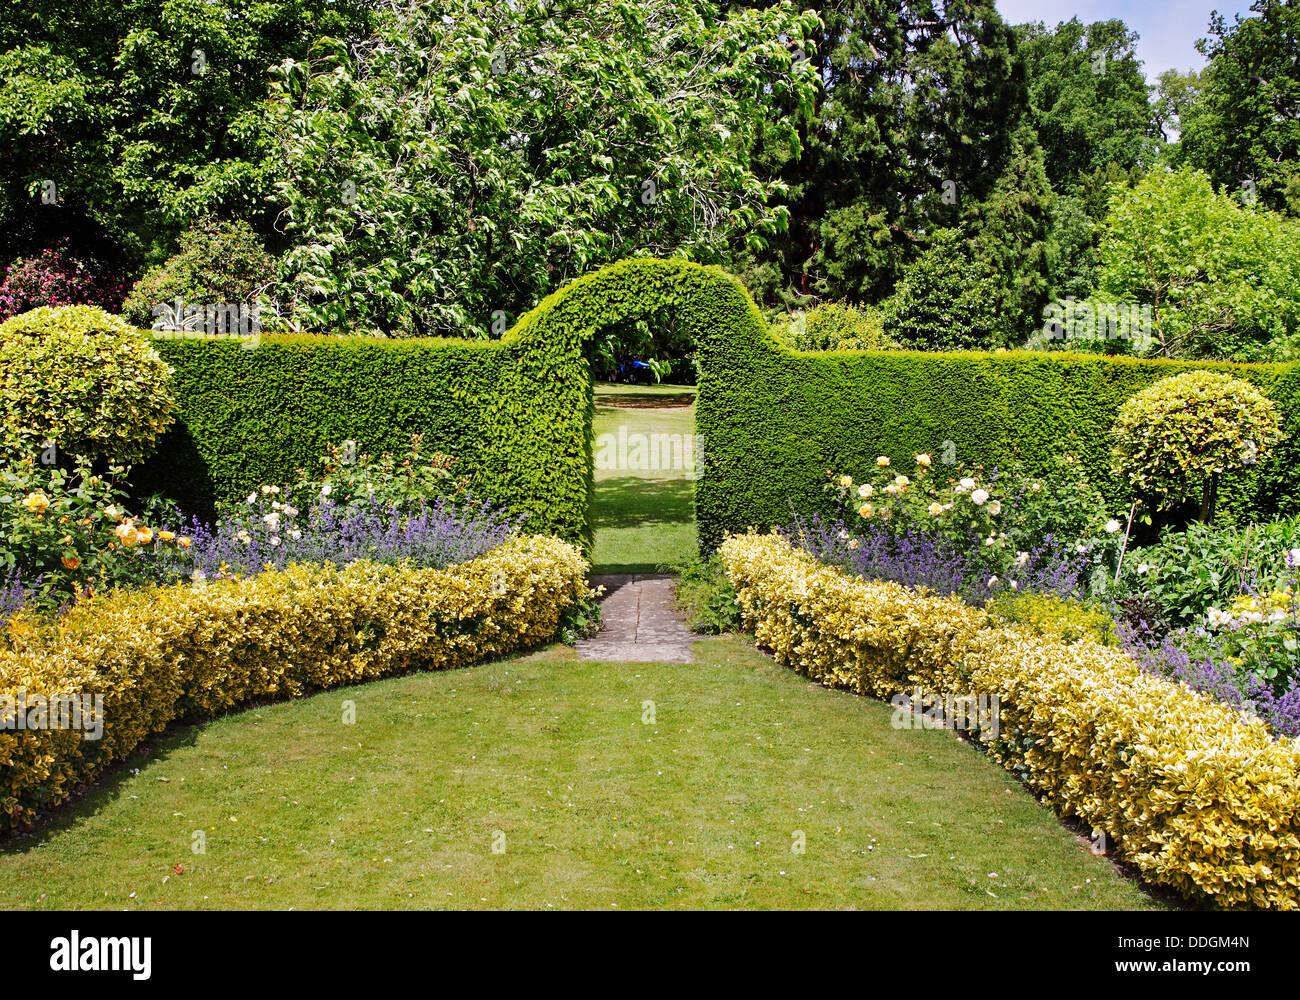 Un jardin paysager anglais au d but de l 39 t avec parterres et une arche travers une haie - Jardin paysager ...